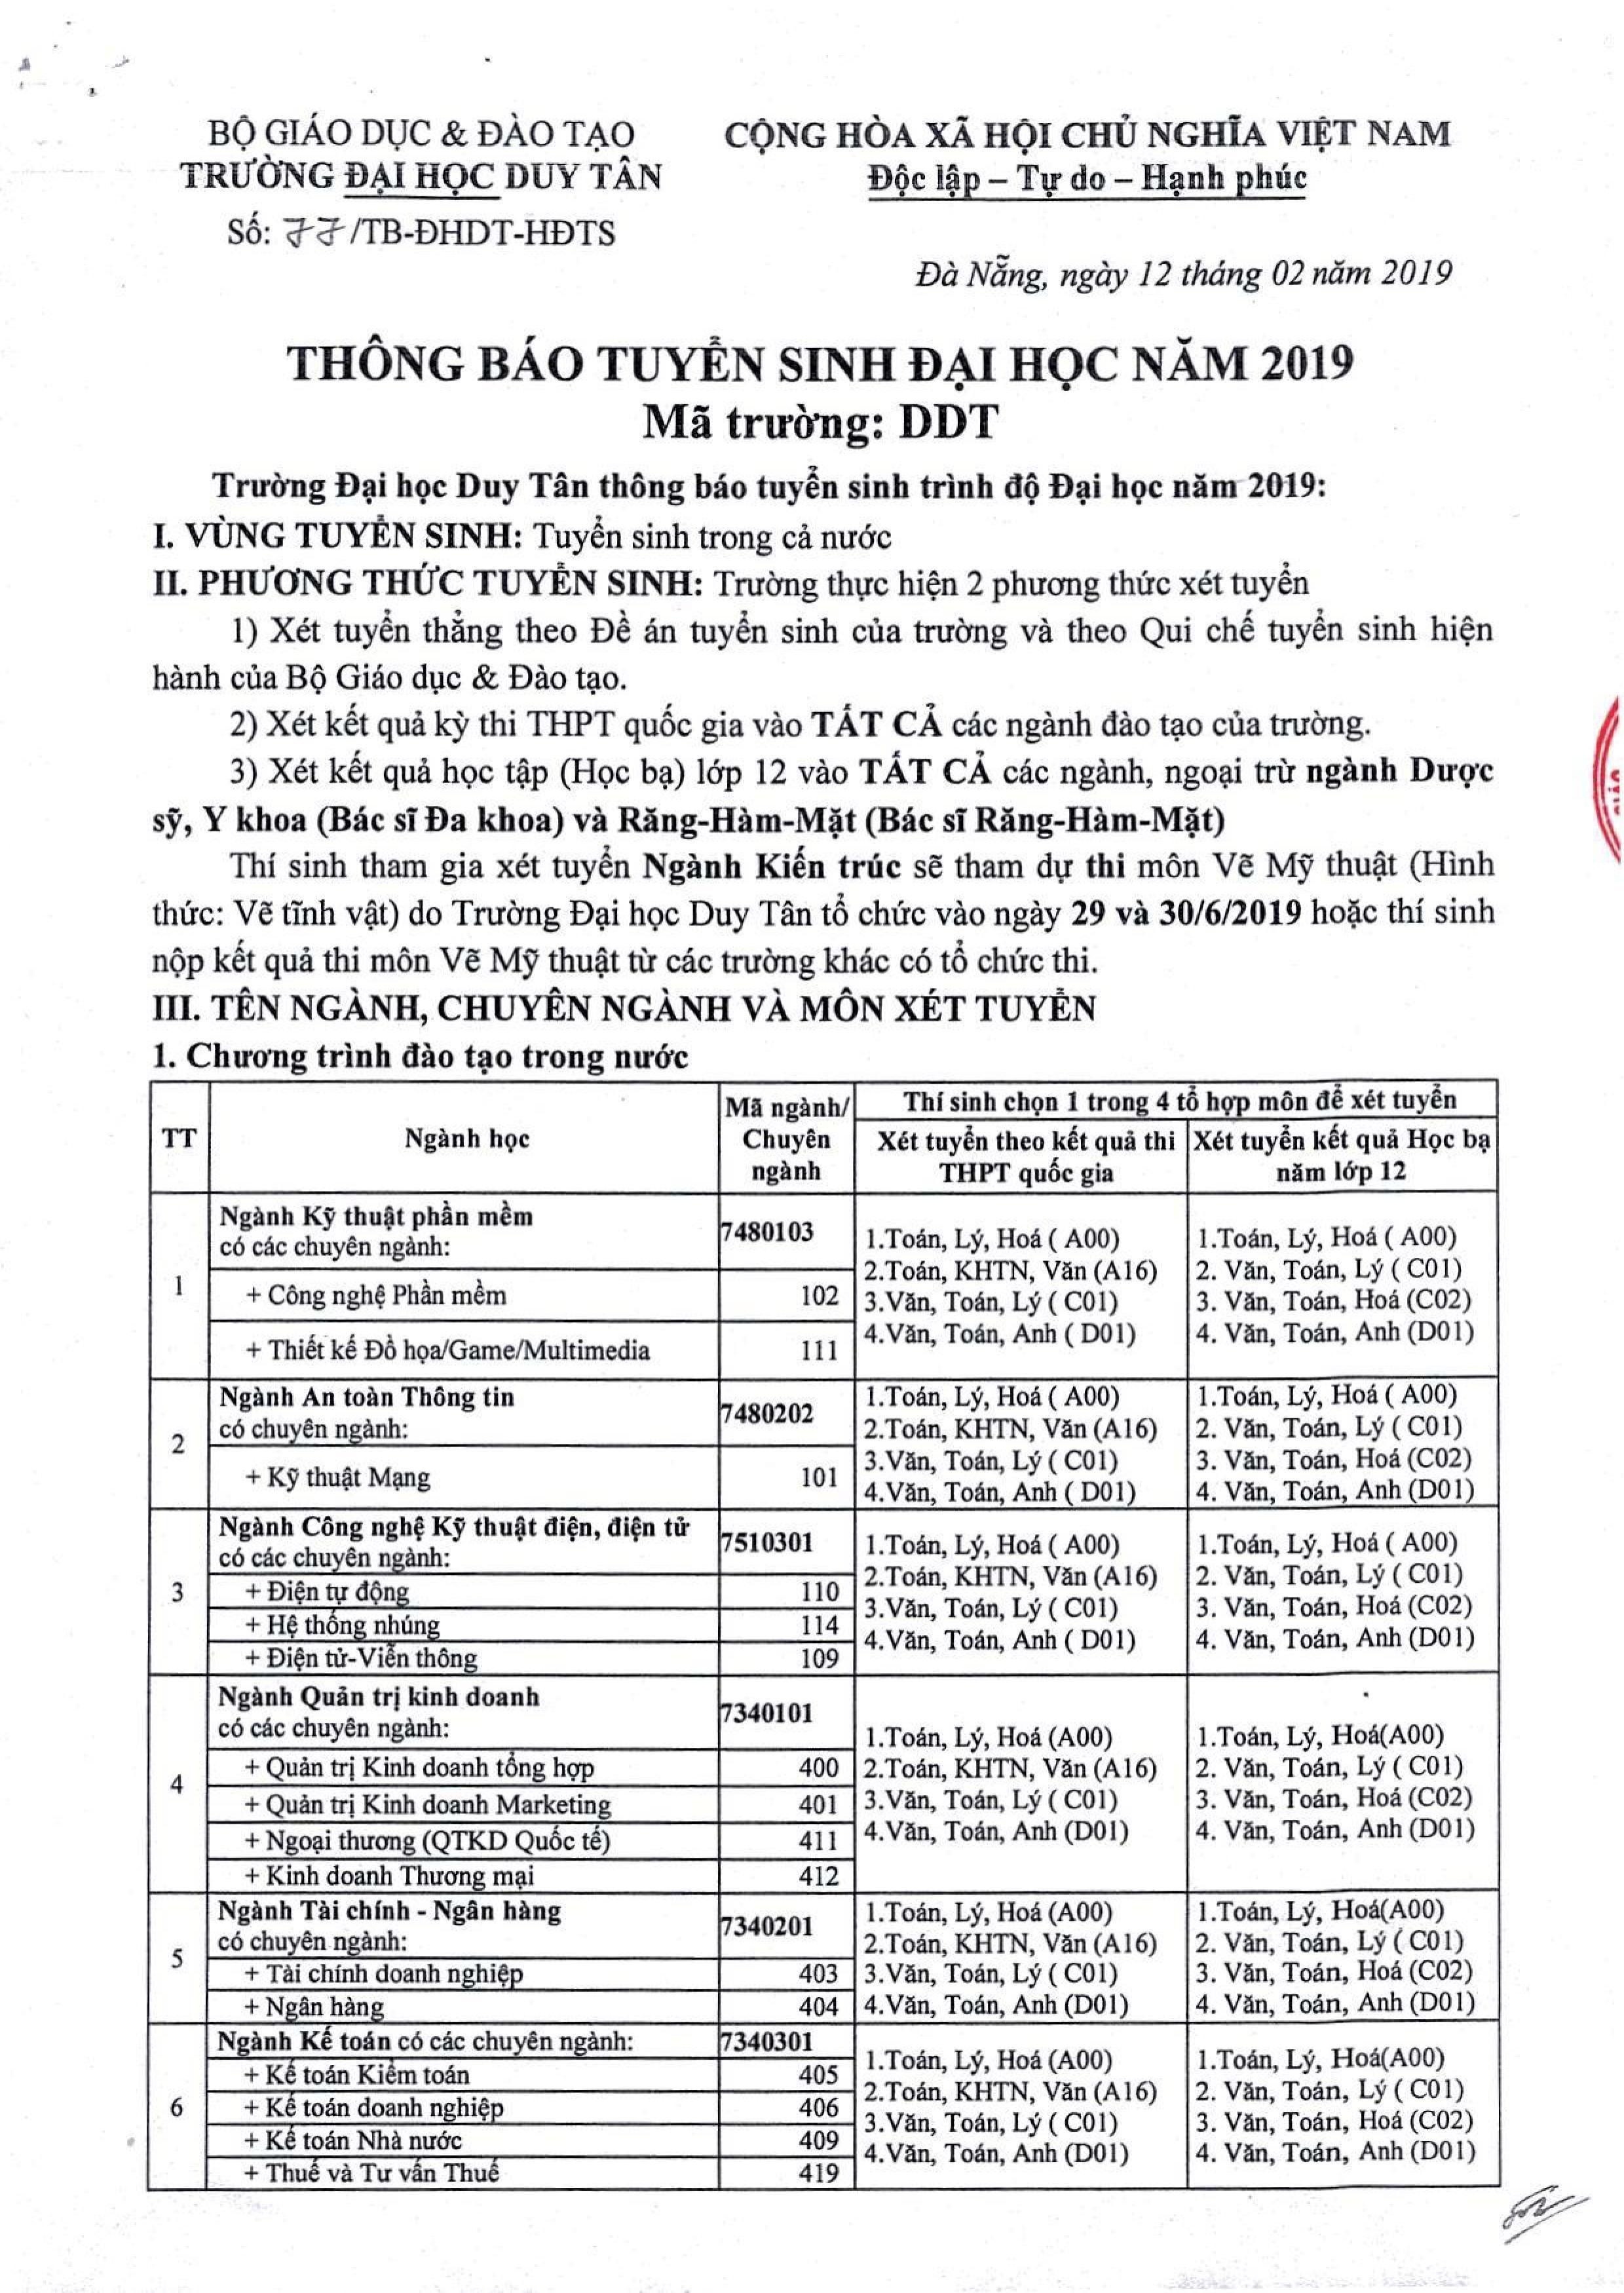 Thông báo Tuyển sinh Đại học Duy Tân năm 2019 Ff847262-a08e-407d-bfb3-9fc1613b2237